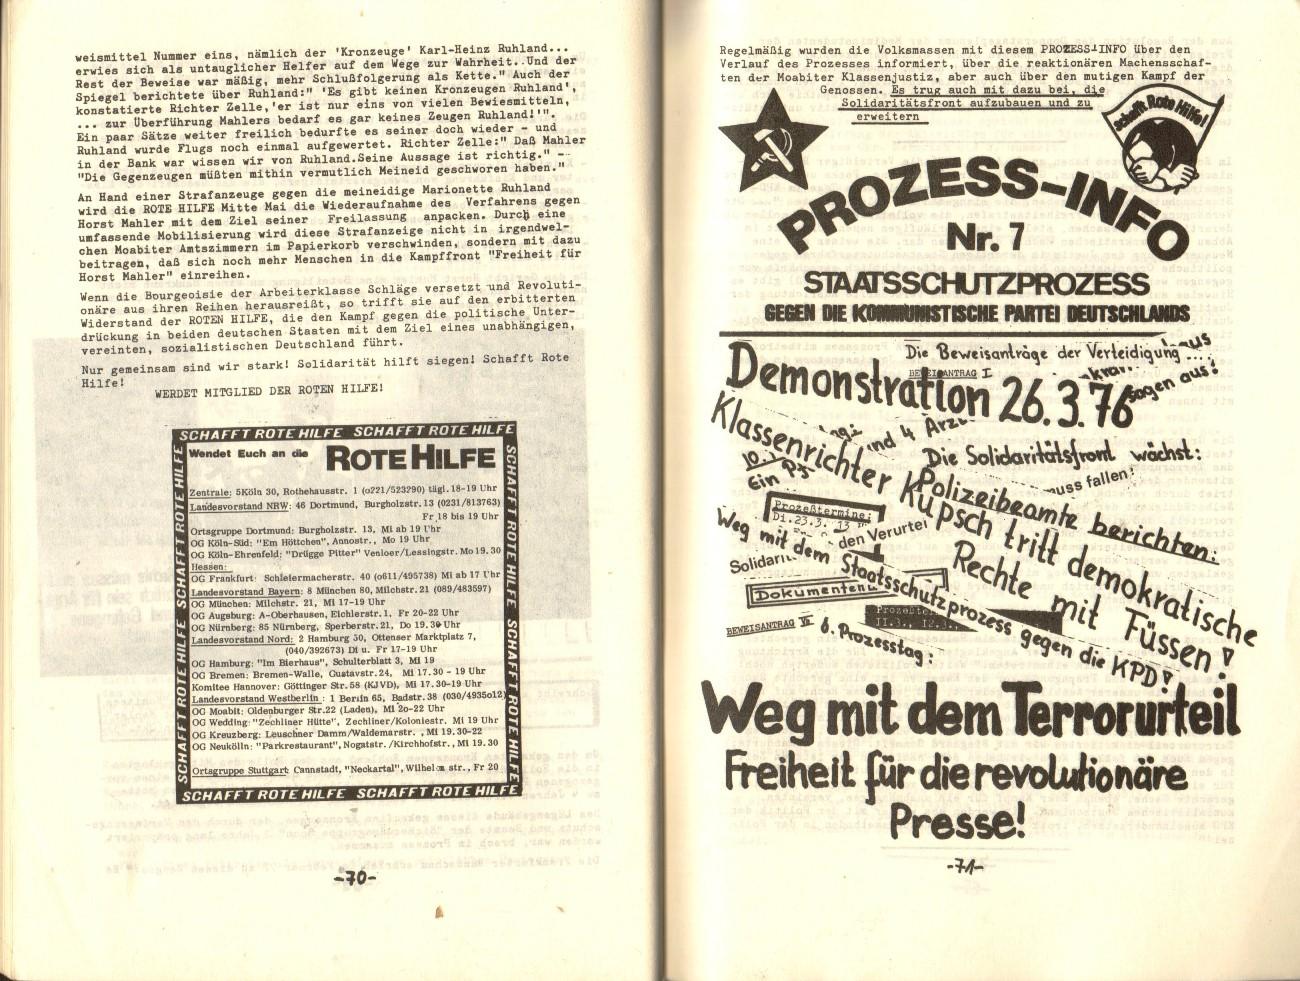 Berlin_KPD_1976_Staatsschutzprozess02_37